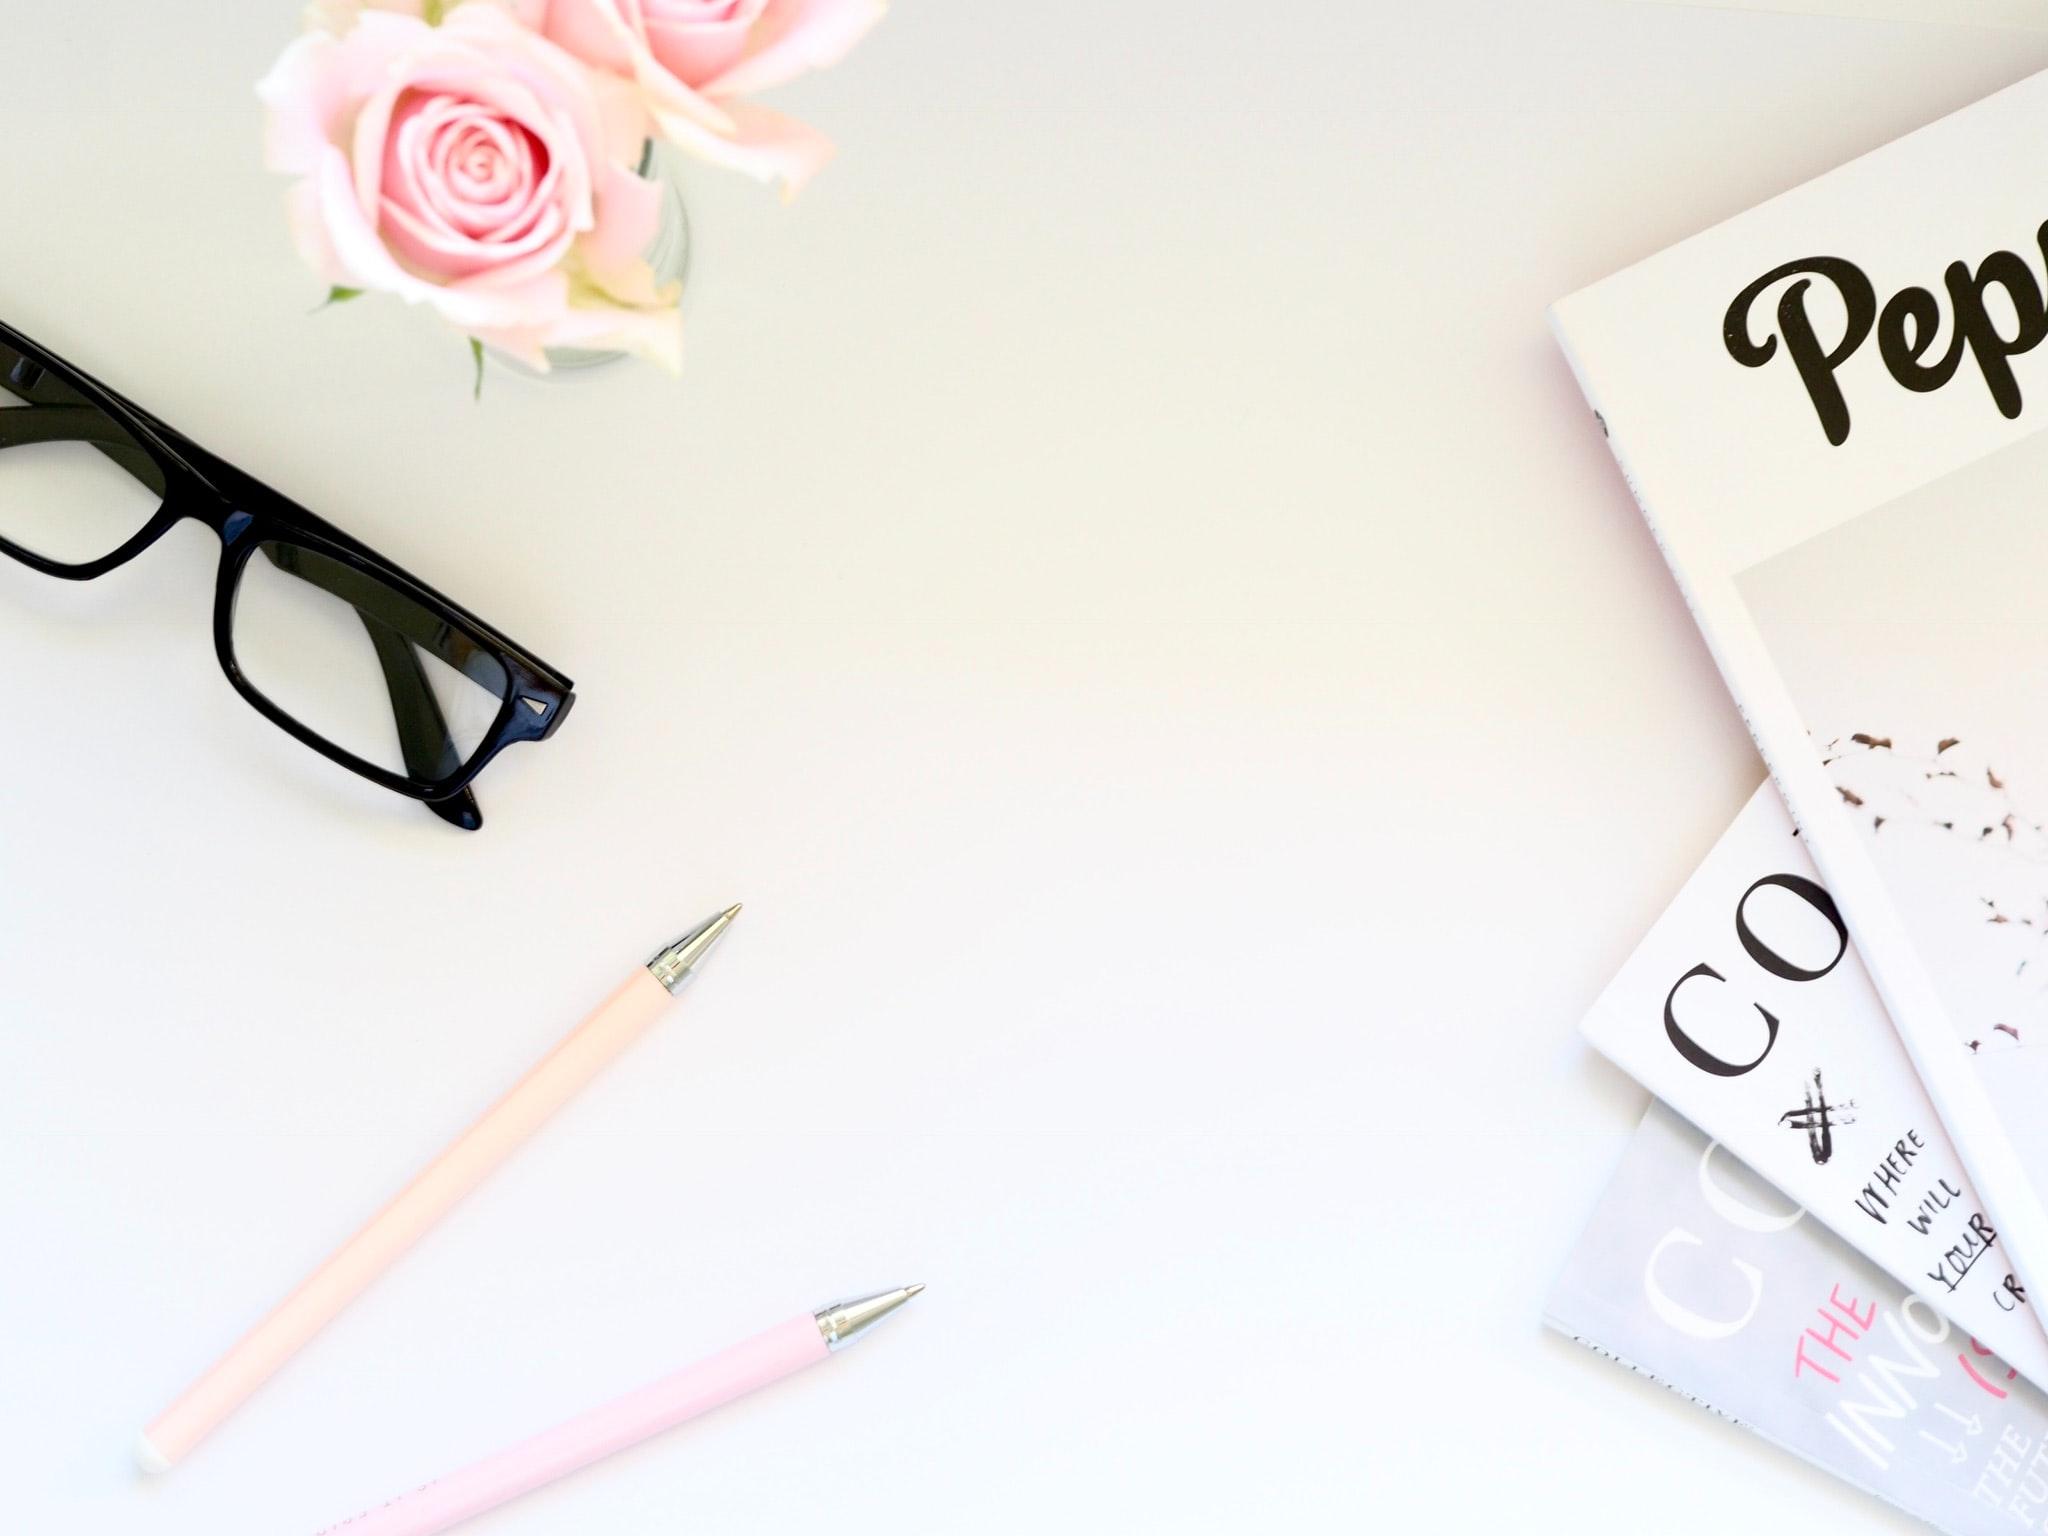 55 News Rose Gold Macbook Desktop Wallpaper Hd Summer Background